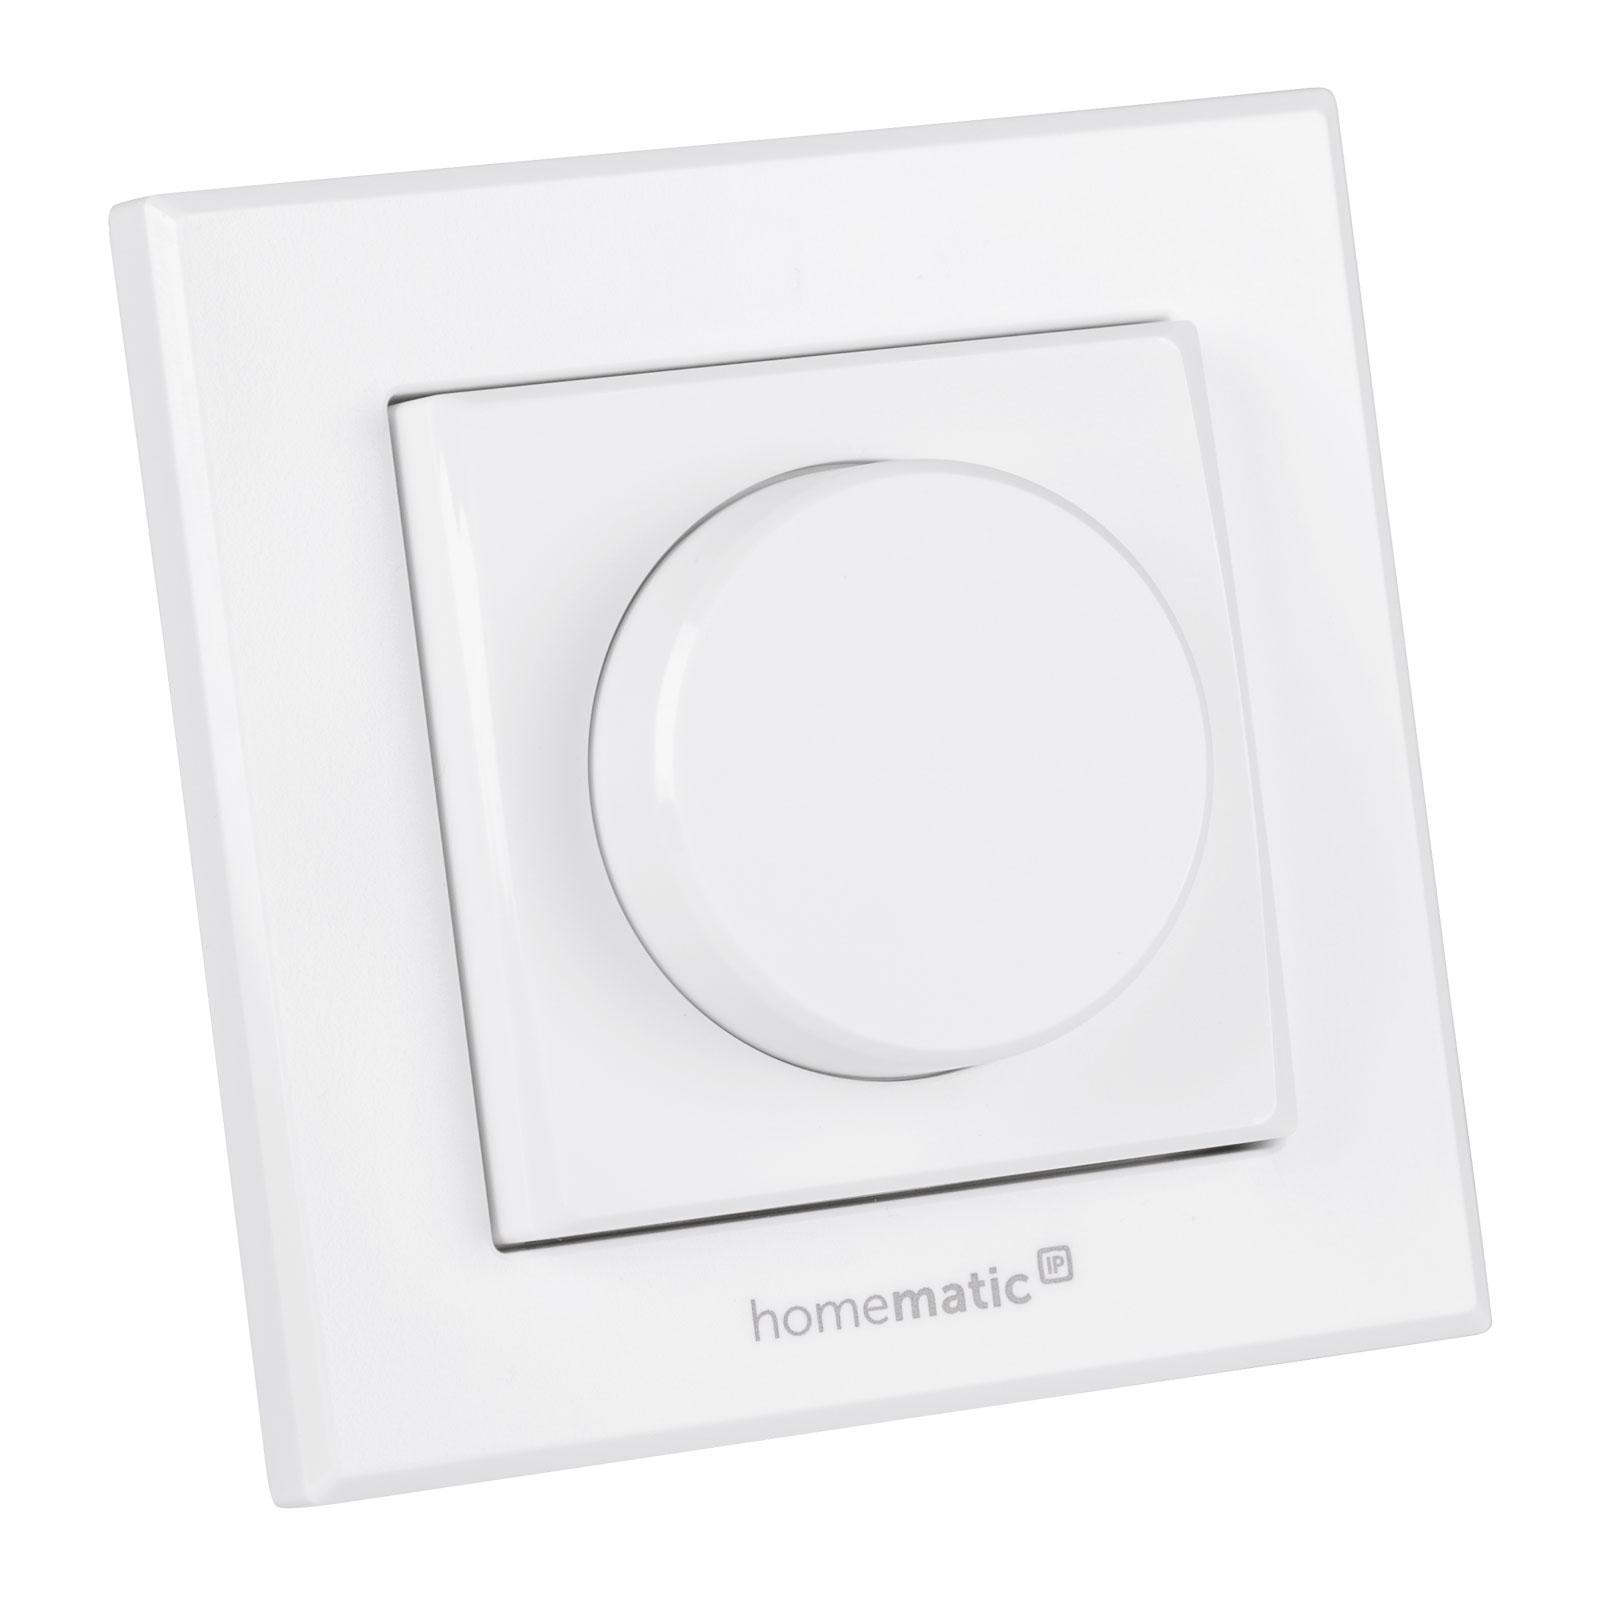 Homematic IP dreieknapp